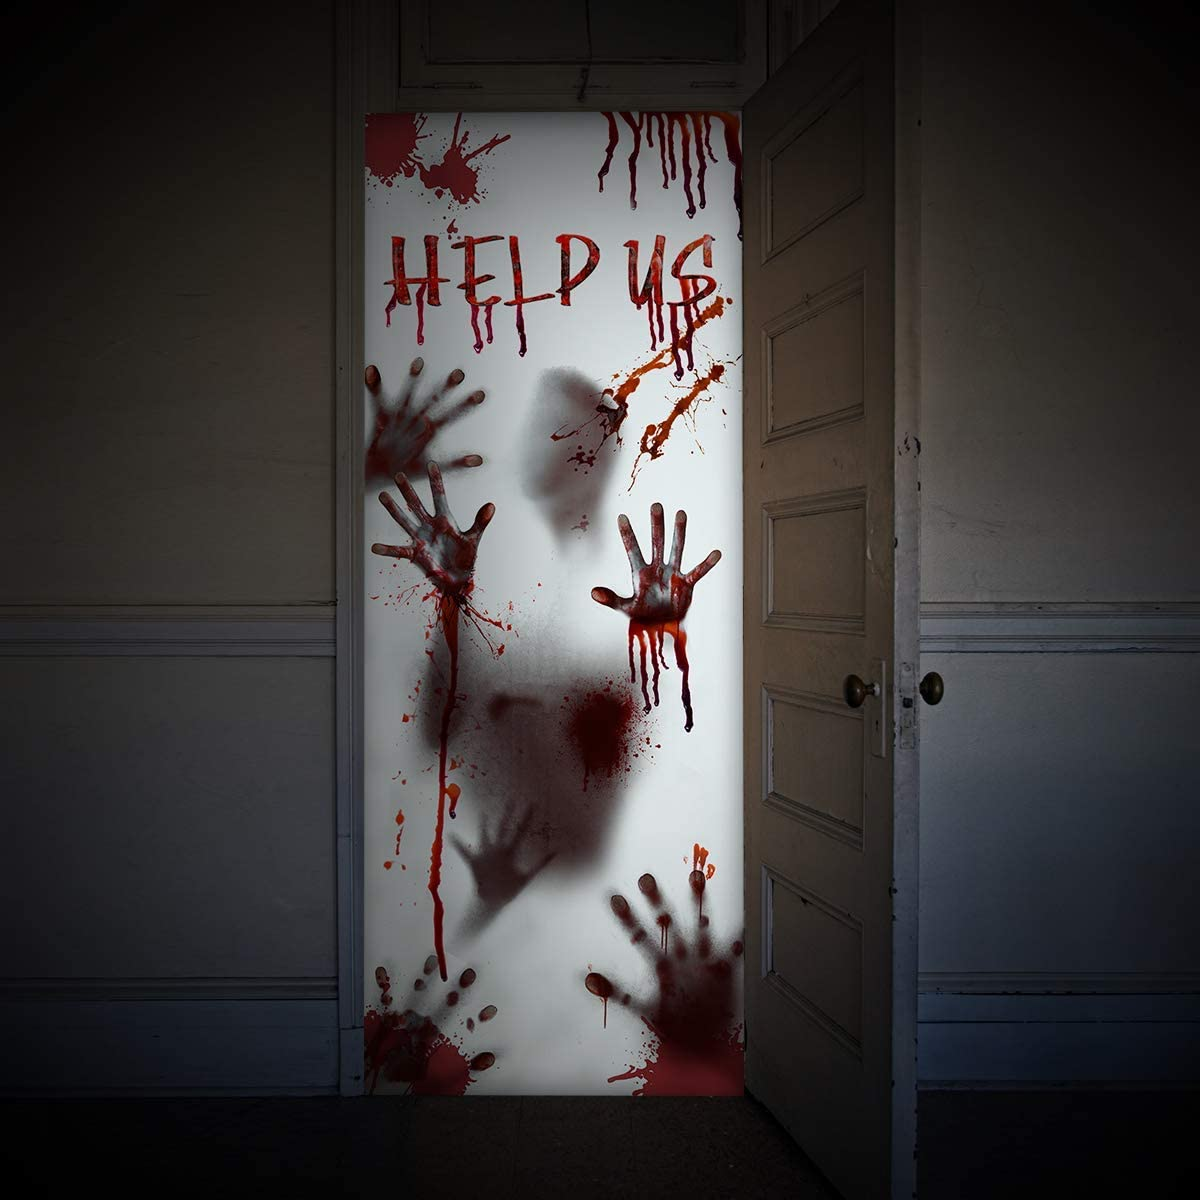 Covid halloween door decorations